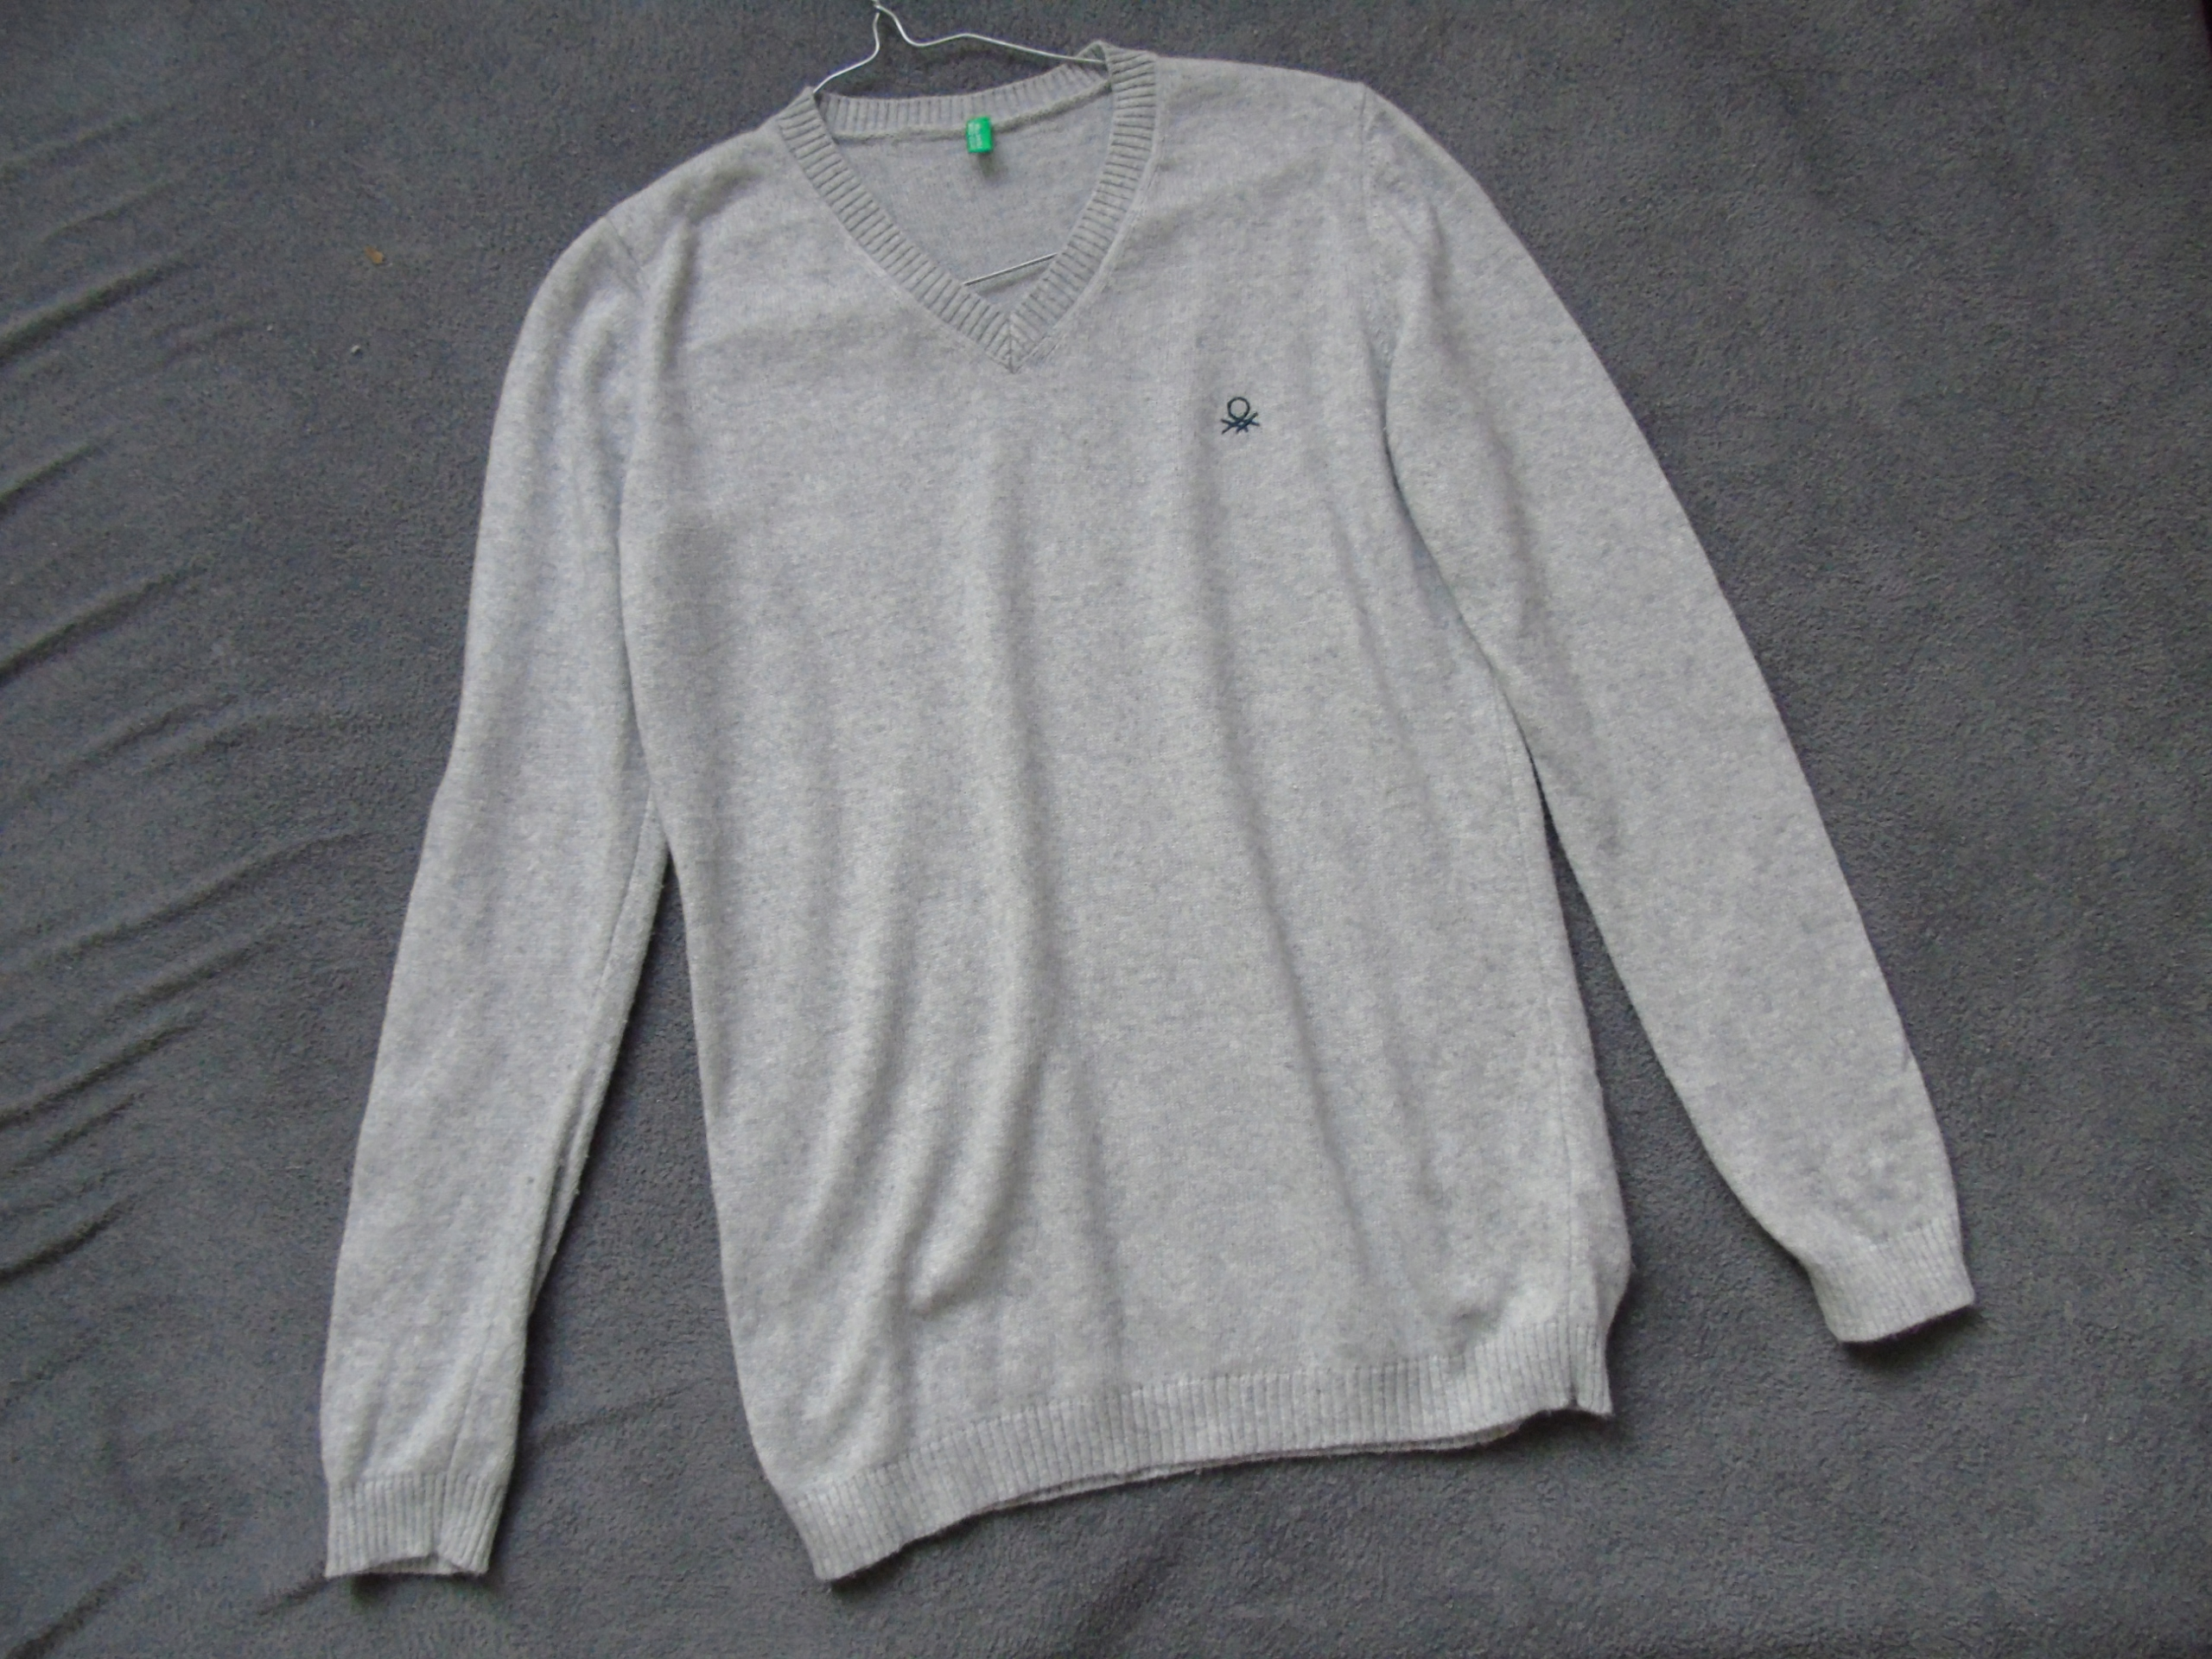 szary sweter BENETTON 146/152 kaszmir chłopięcy